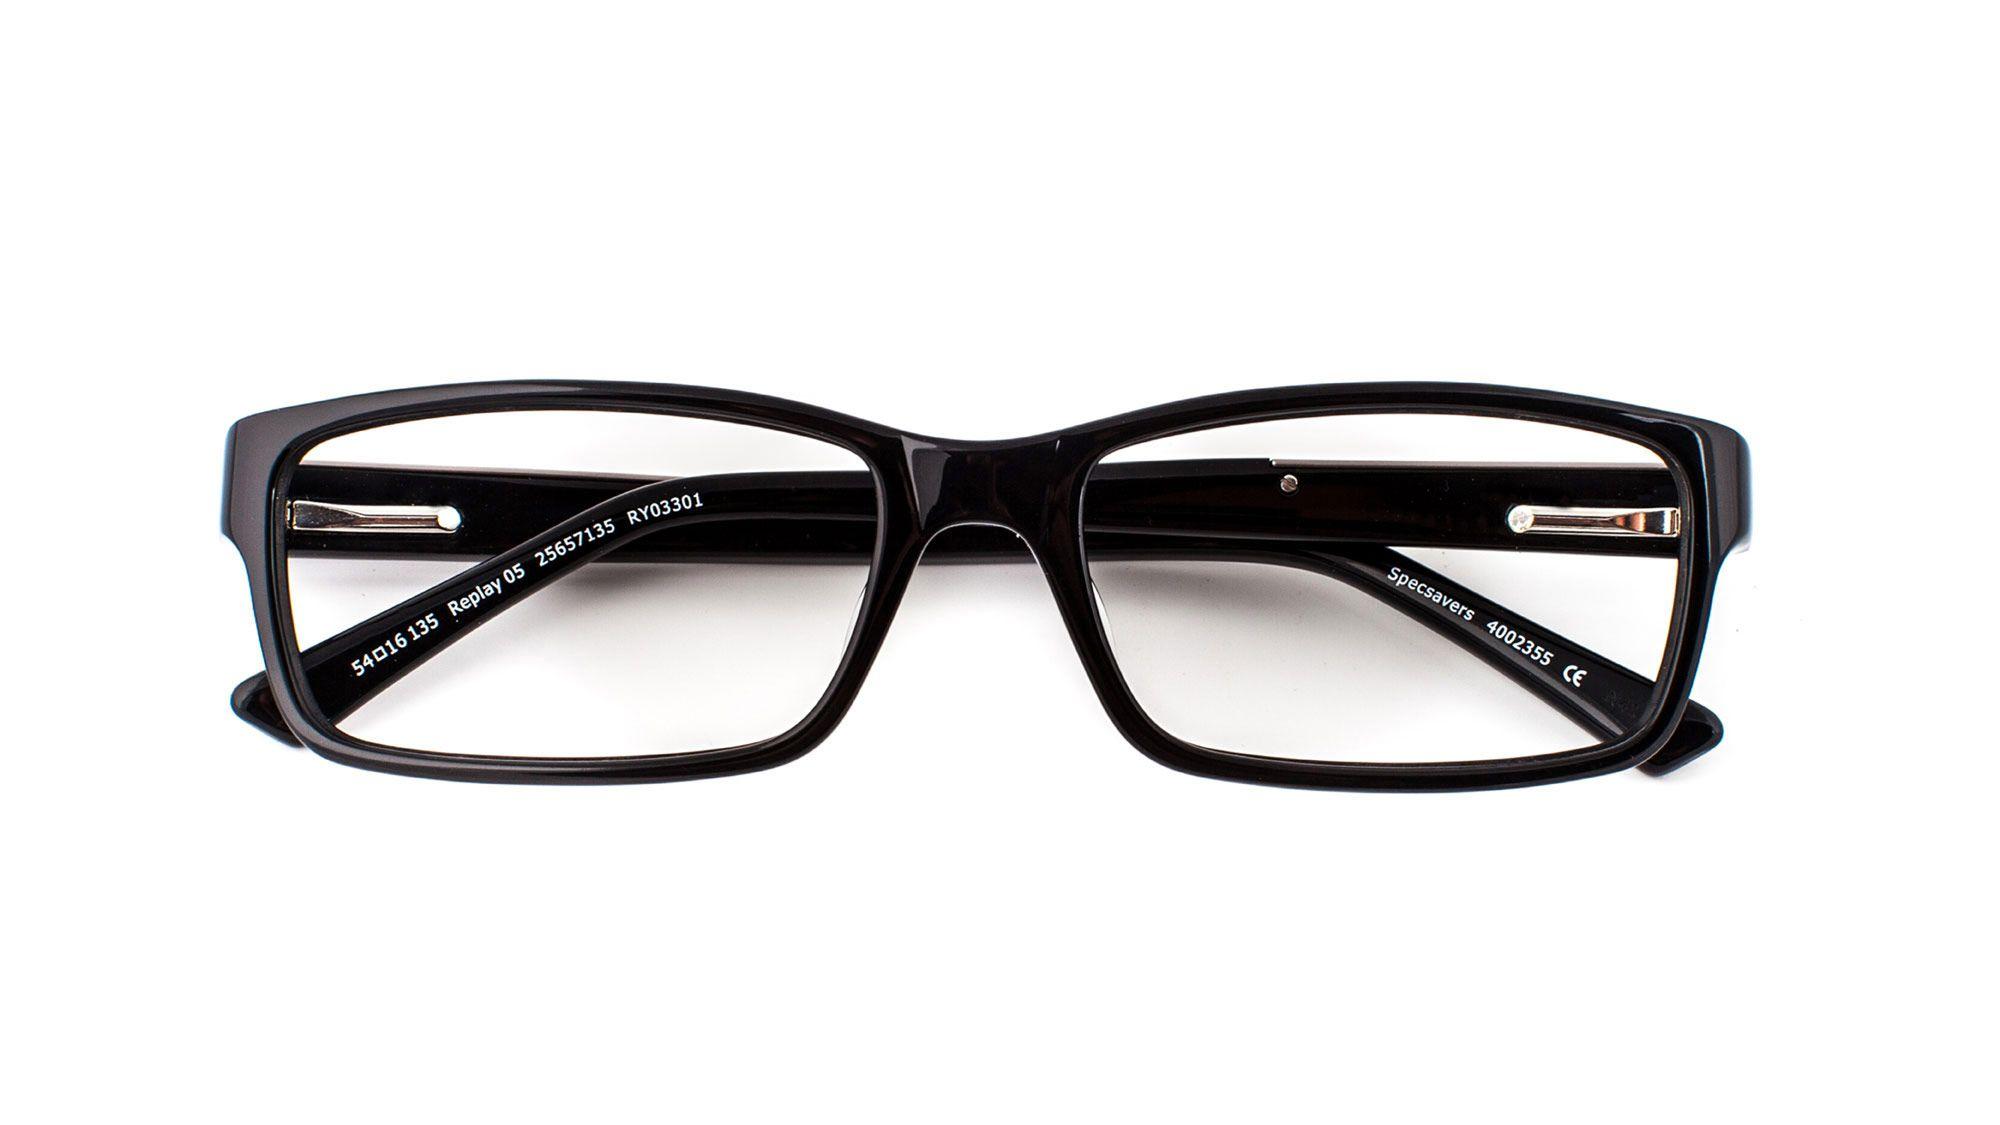 3799b088efe Replay glasses - REPLAY 05